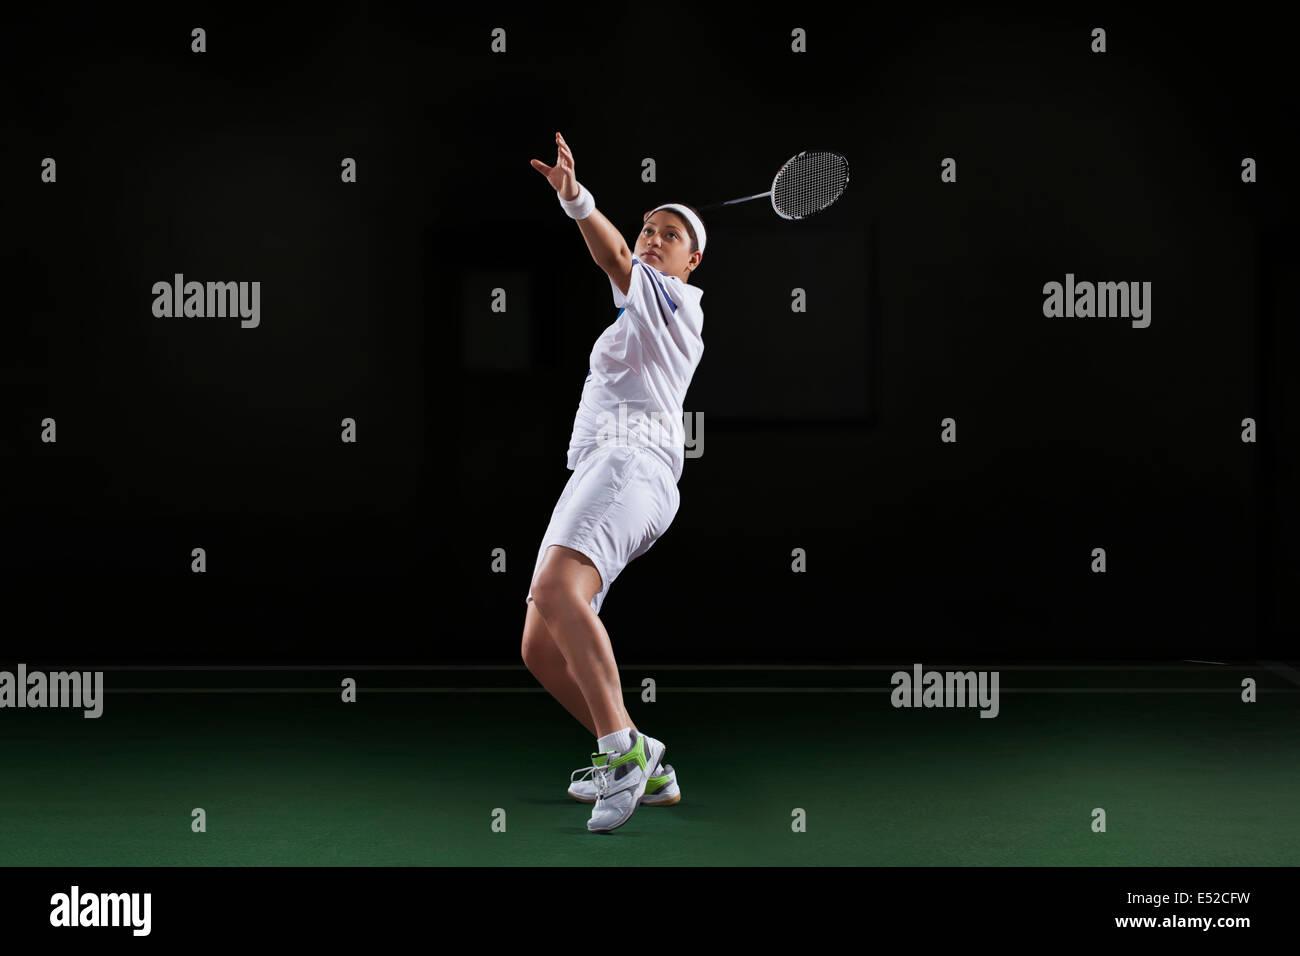 Vista lateral de la mujer joven en ropa deportiva jugar bádminton aislado sobre fondo negro Imagen De Stock